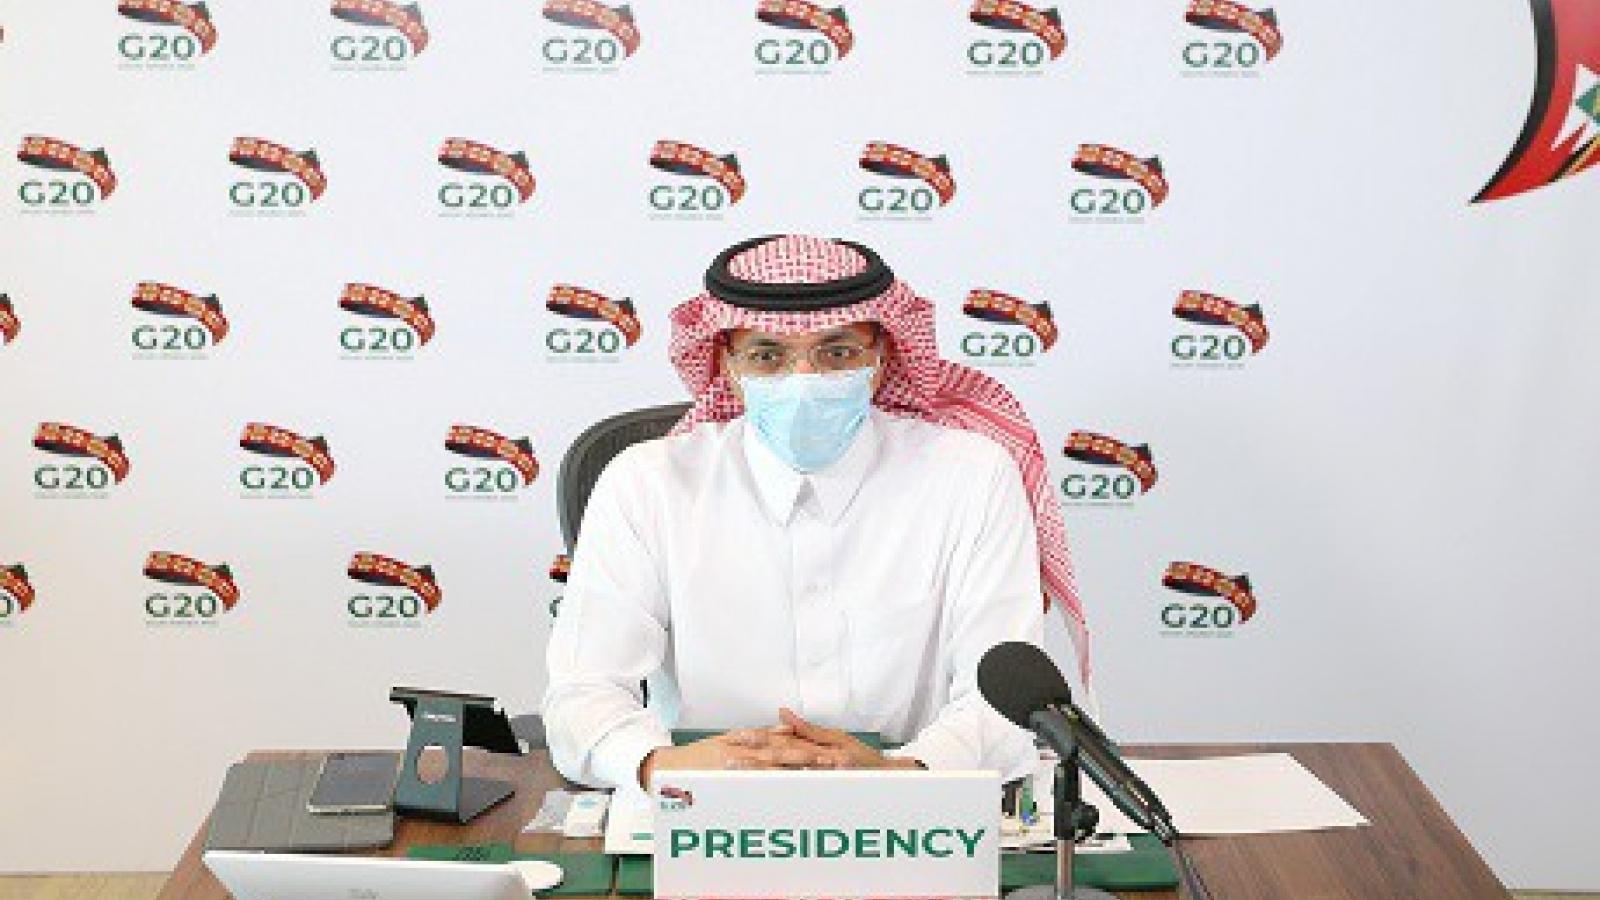 G20 đàm phán về phục hồi kinh tế toàn cầu sau khủng hoảng Covid-19